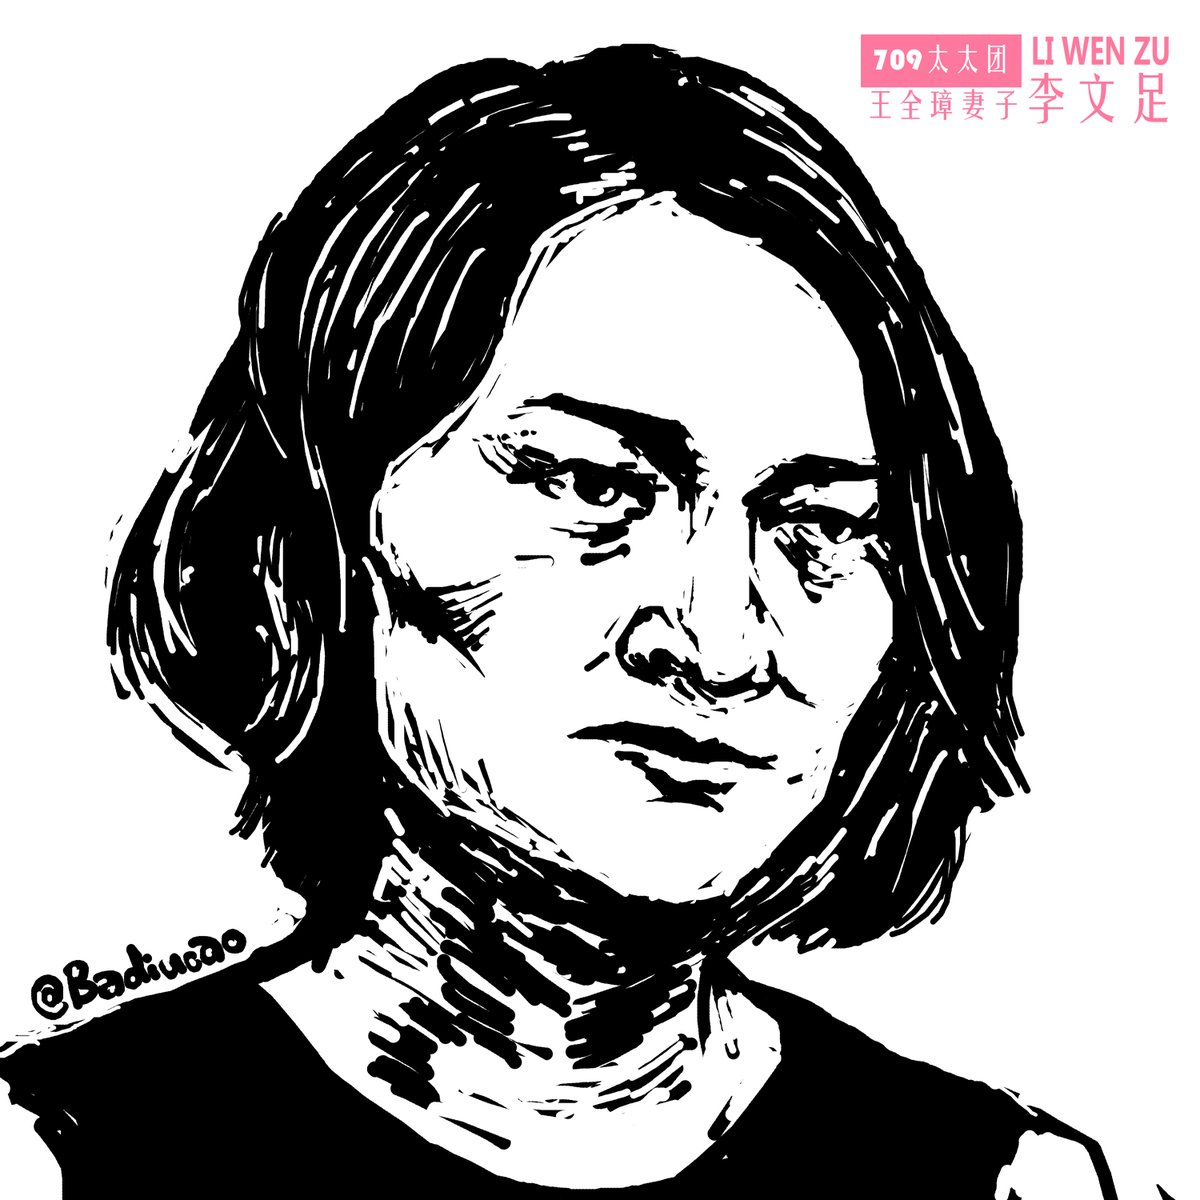 李文足_王全璋妻子